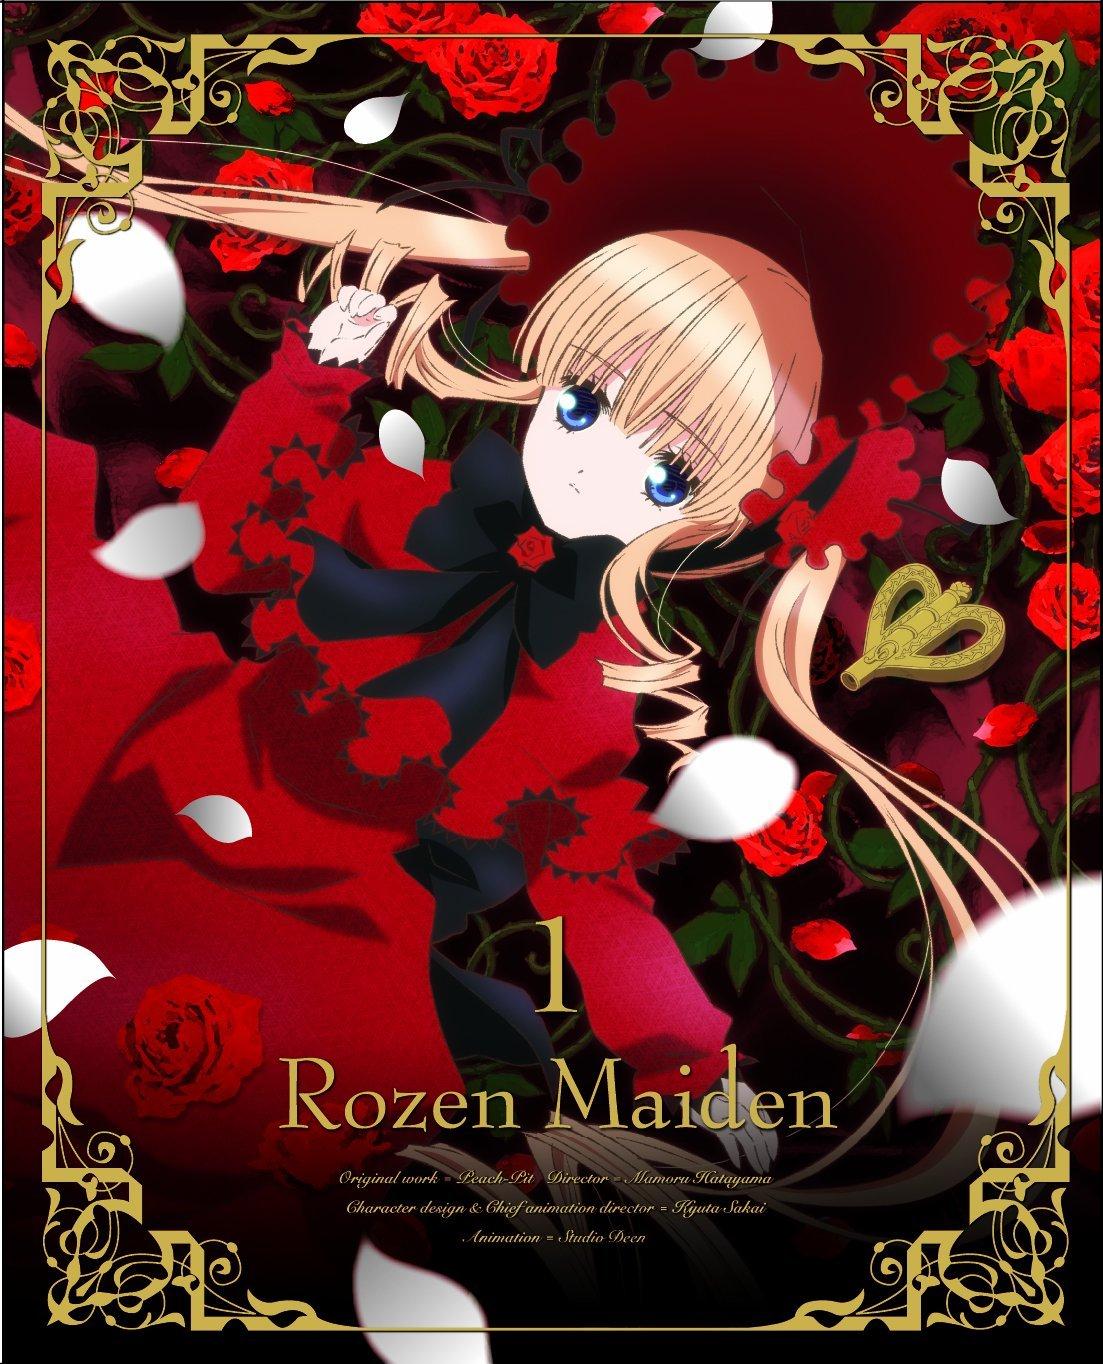 Rozen Maiden (2013)